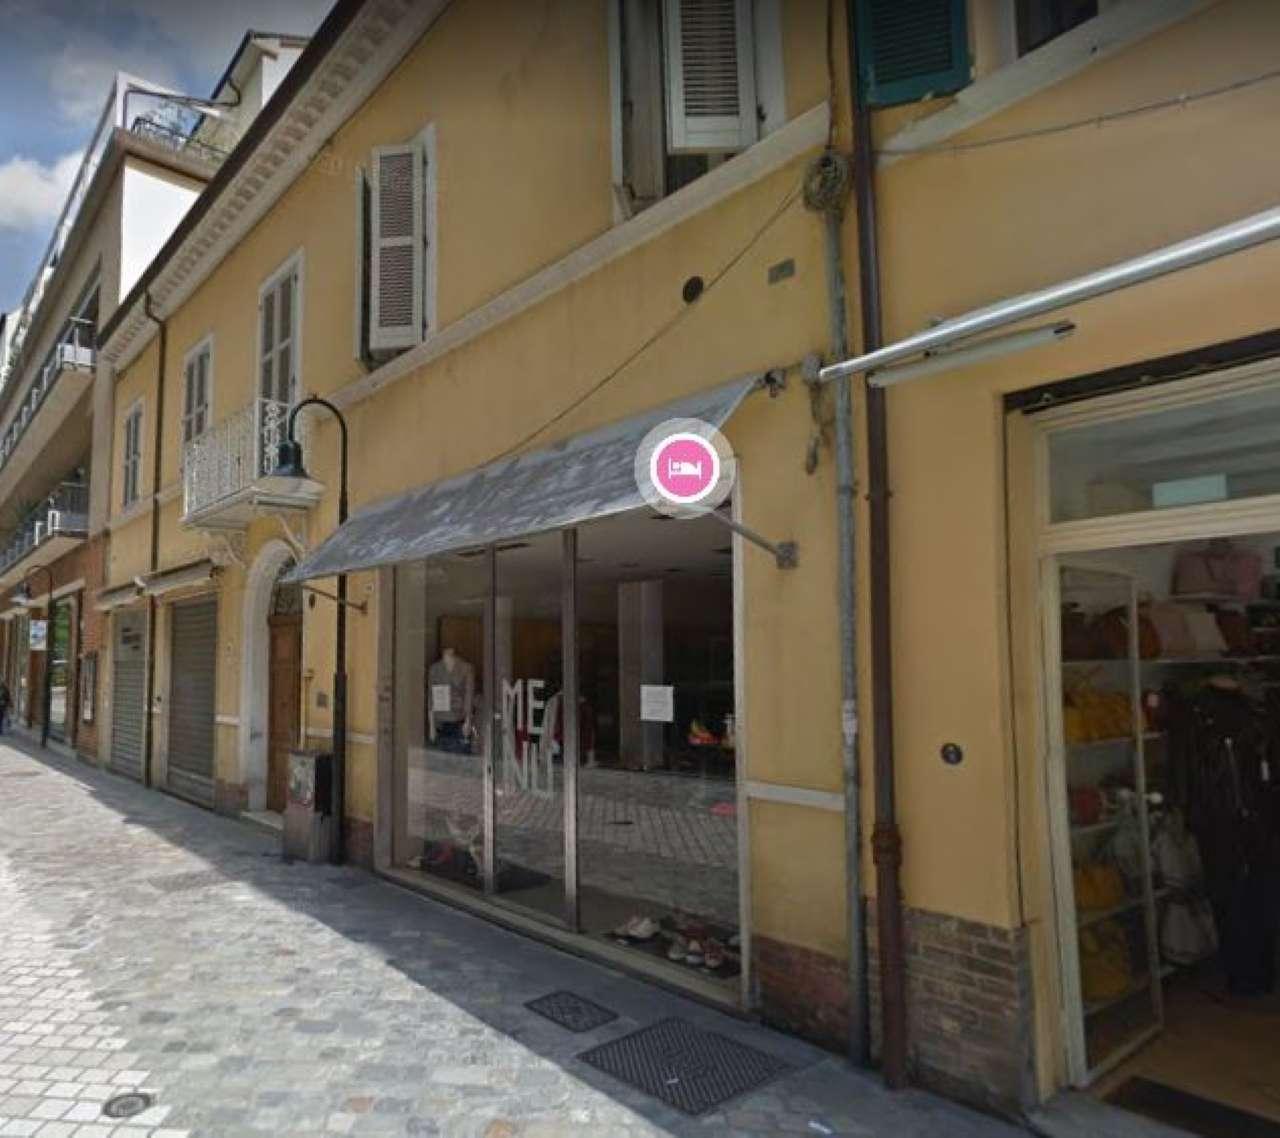 Negozio / Locale in affitto a Ravenna, 1 locali, prezzo € 1.200 | CambioCasa.it